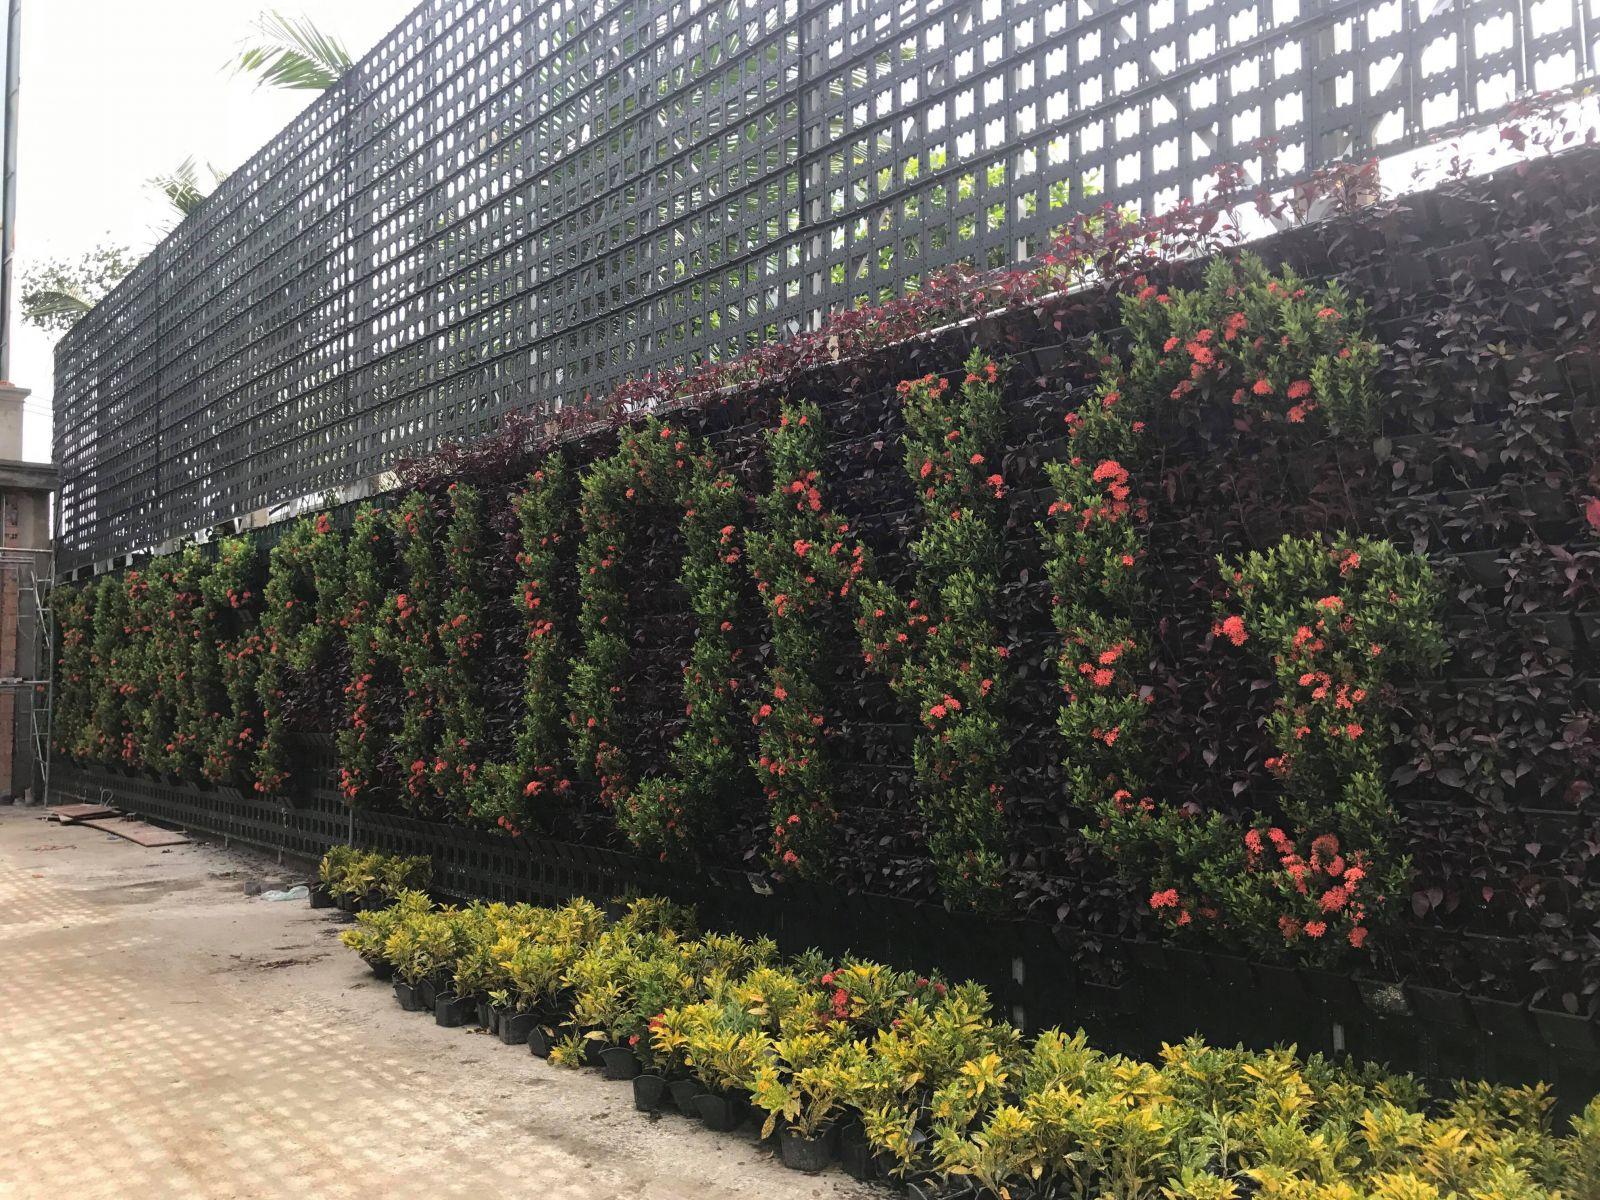 thiết kế vườn tường cây xanh độc đáo